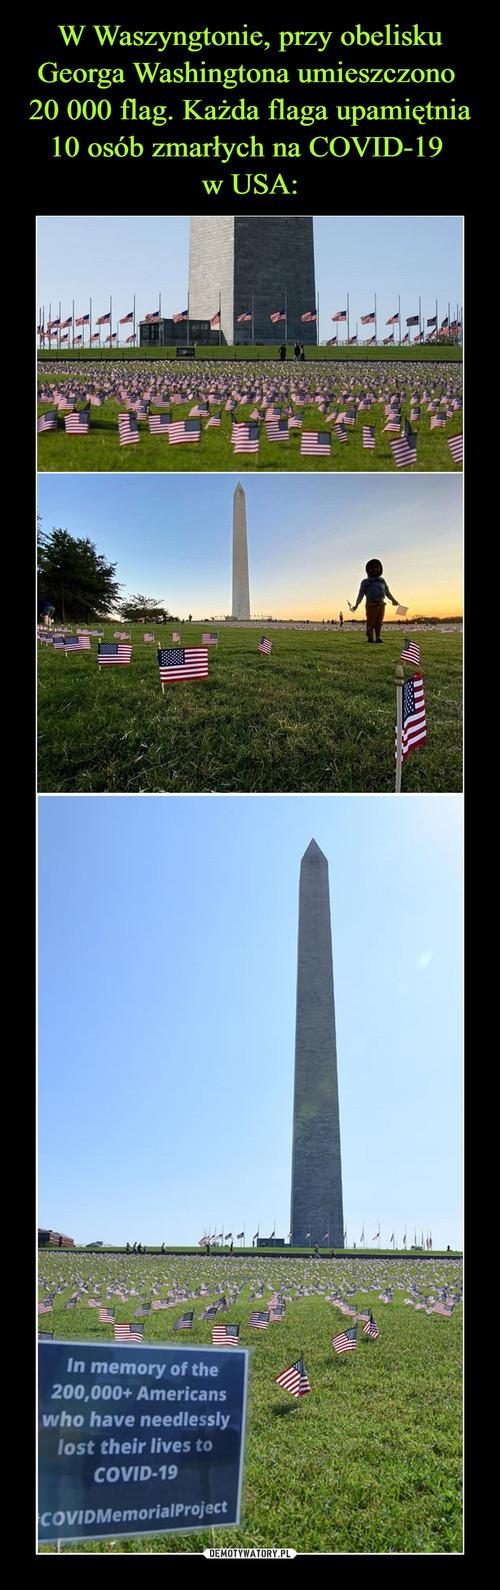 W Waszyngtonie, przy obelisku Georga Washingtona umieszczono  20 000 flag. Każda flaga upamiętnia 10 osób zmarłych na COVID-19  w USA: